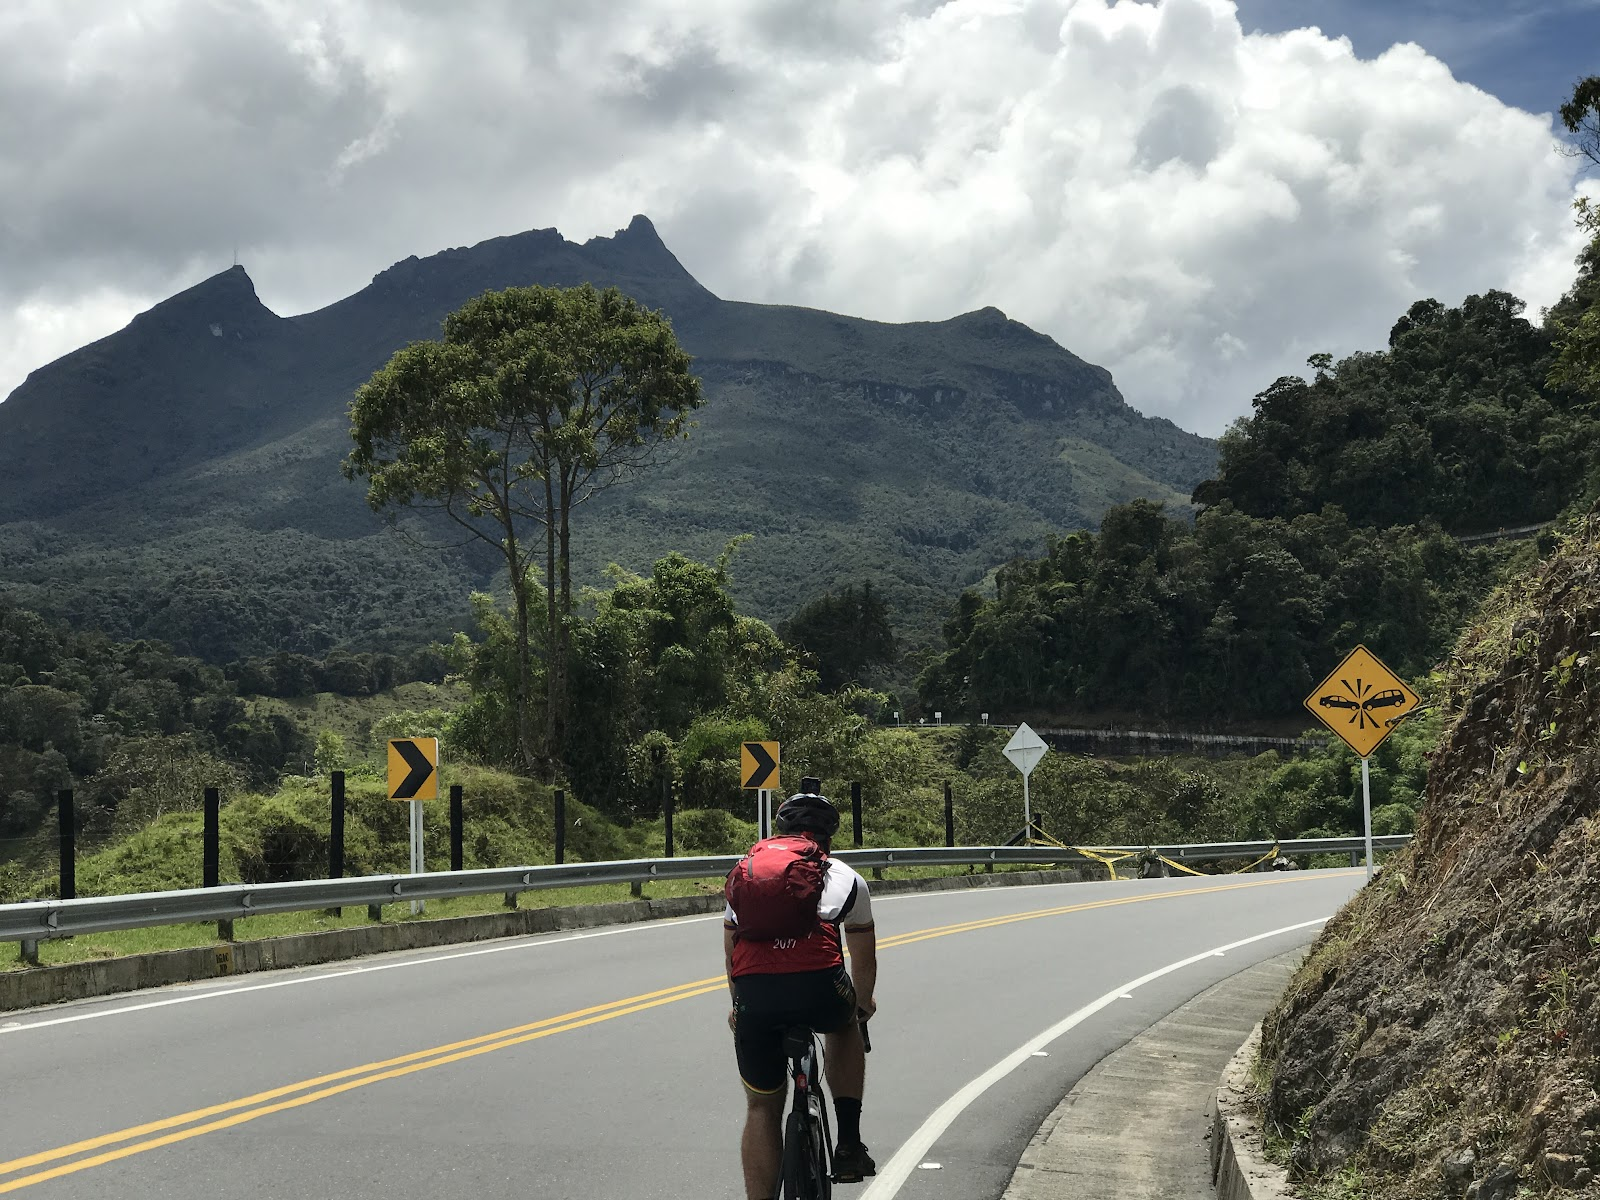 Cycling Mauna Loa - photo of cyclists riding Alto de Letras